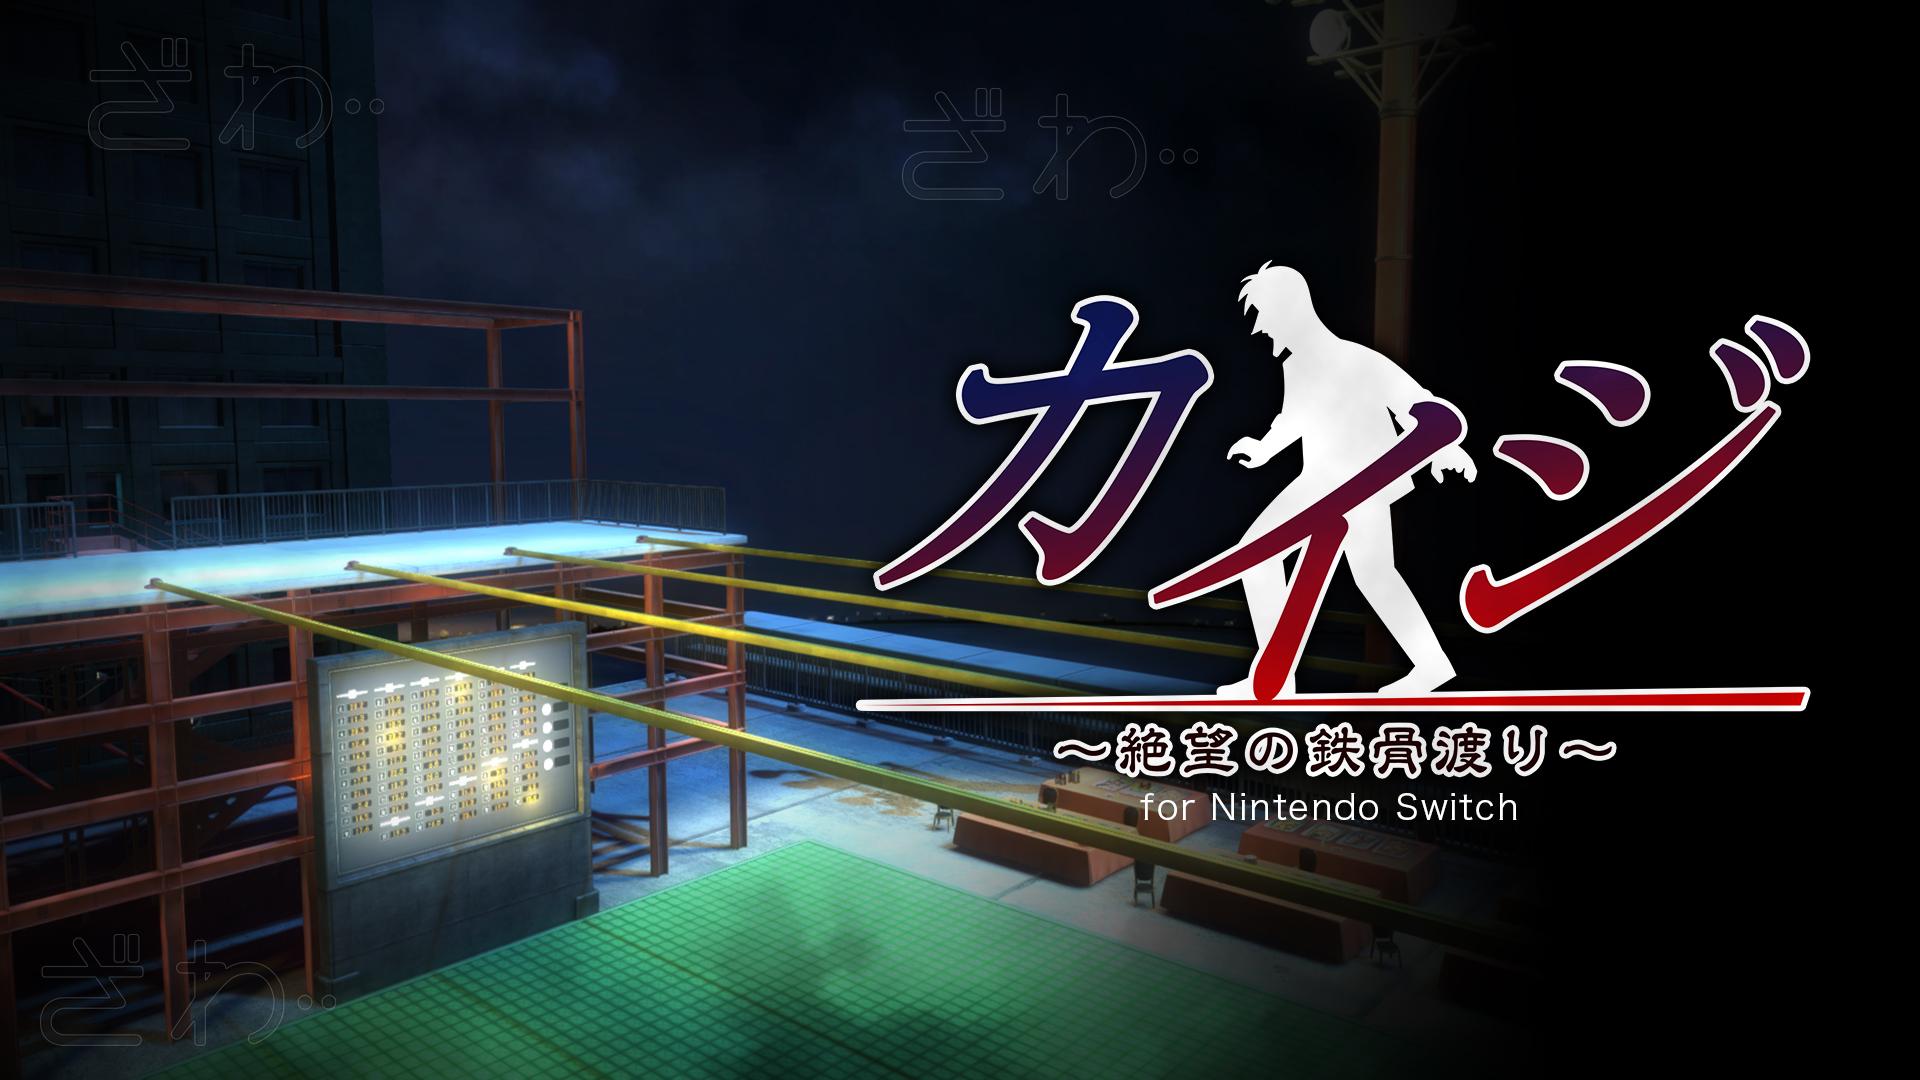 Nintendo Switch ダウンロード購入 カイジ 絶望の鉄骨渡り For